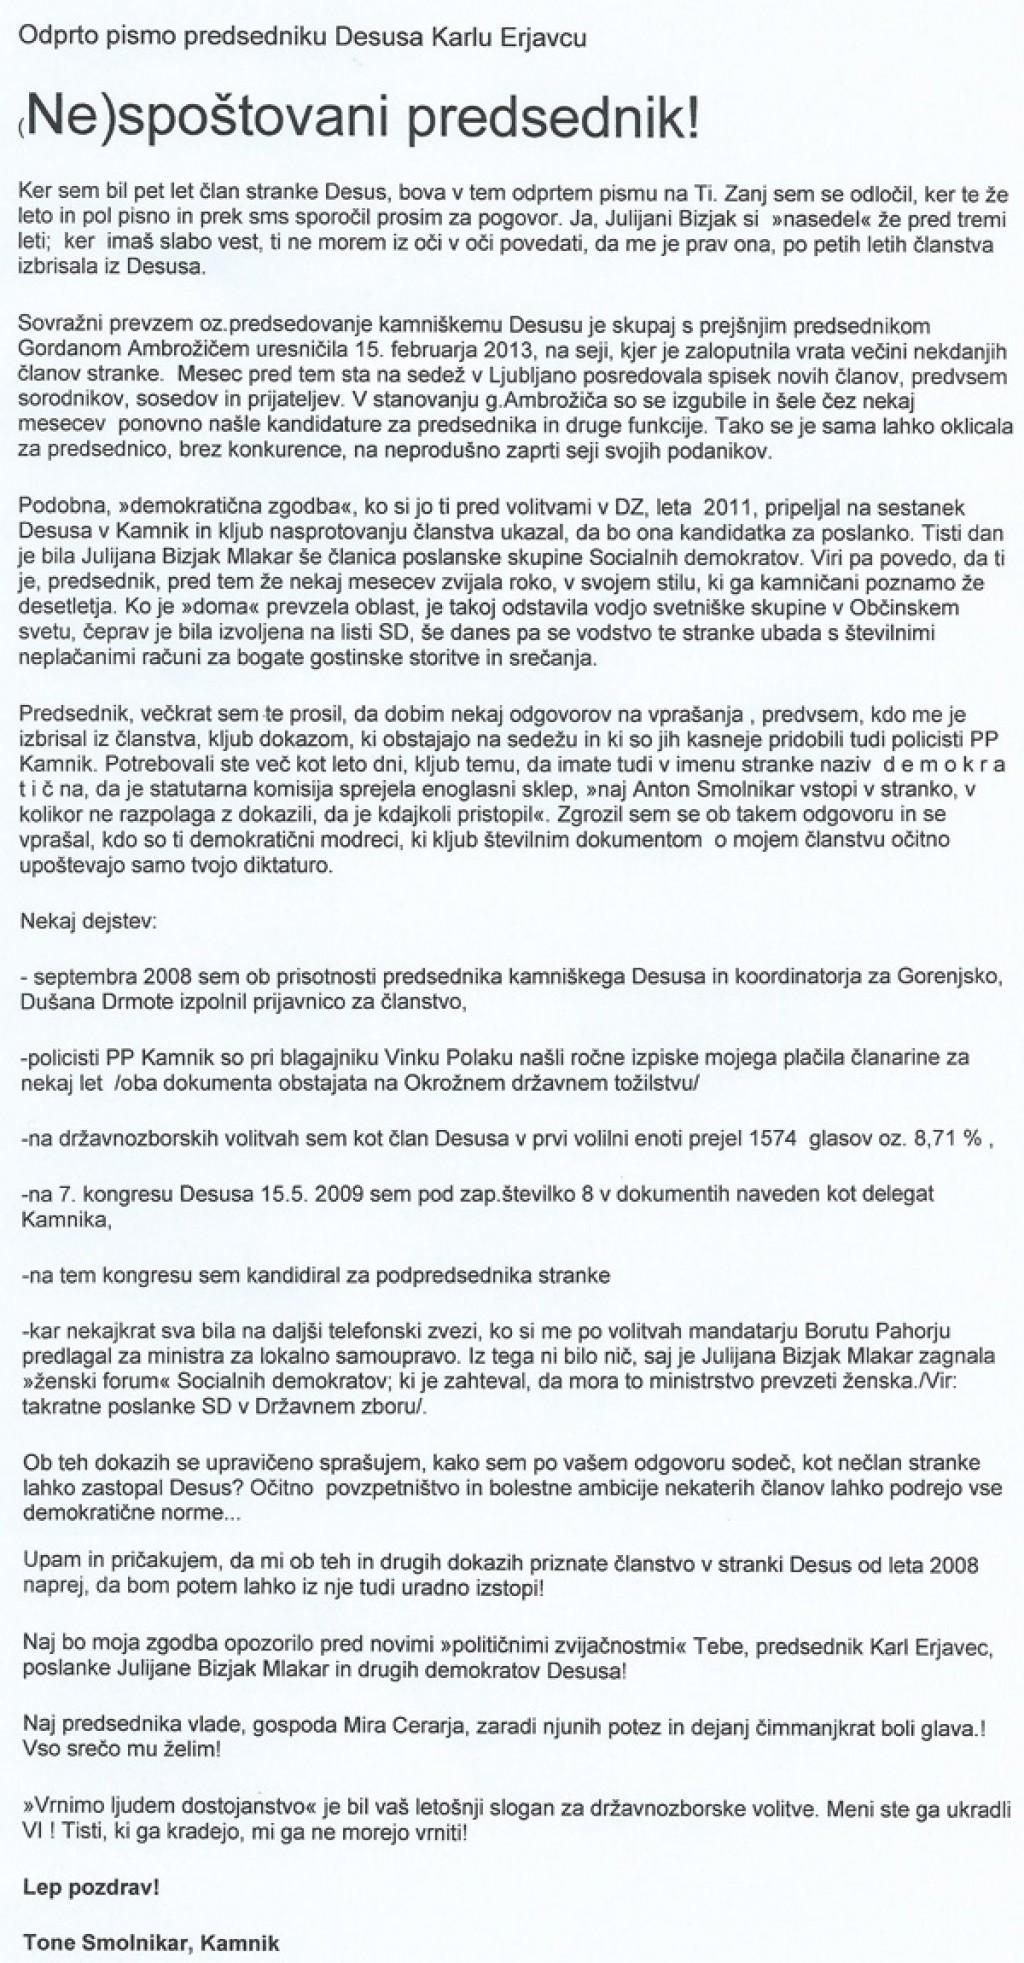 Faksimile odprtega pisma, ki ga je nekdanji župan Kamnika in bivši televizijec Tone Smolnikar naslovil na nespoštovanega predsednika Desusa Karla Erjavca (za povečavo klik na sliko).